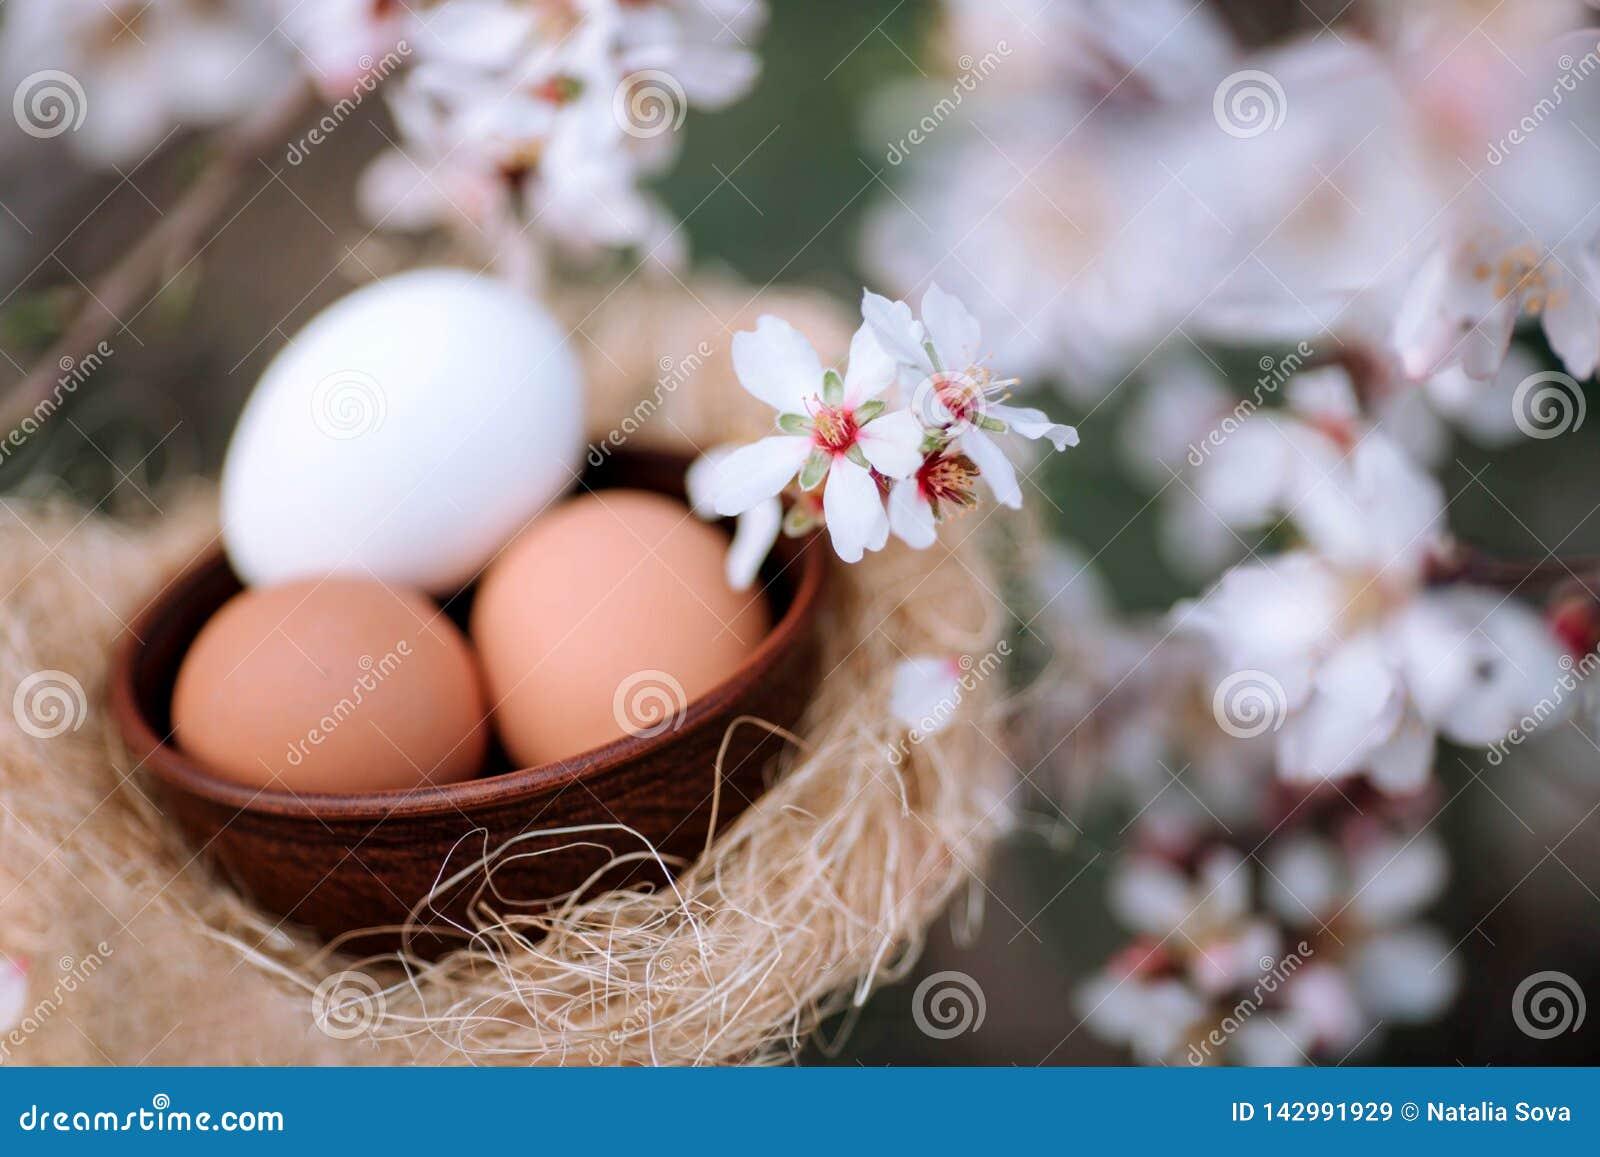 Huevos para Pascua contra el contexto de un árbol floreciente de la primavera